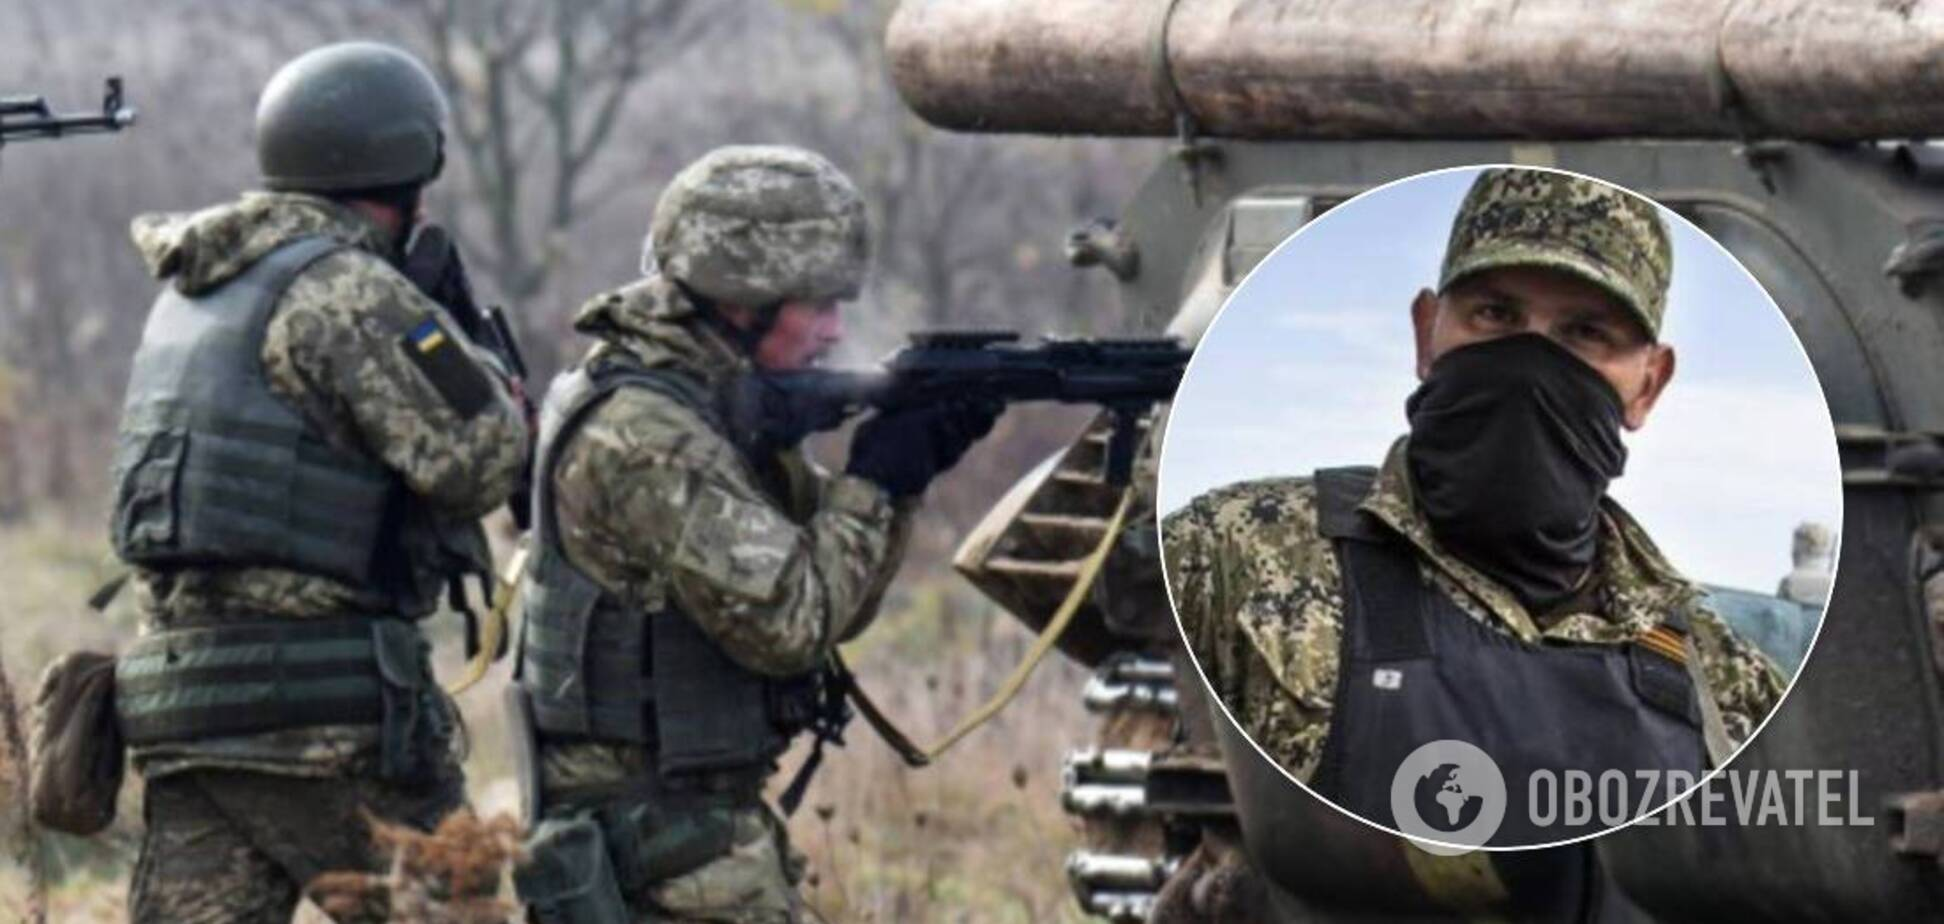 Найманці Росії вдалися до провокації на Донбасі, порушивши перемир'я – штаб ООС